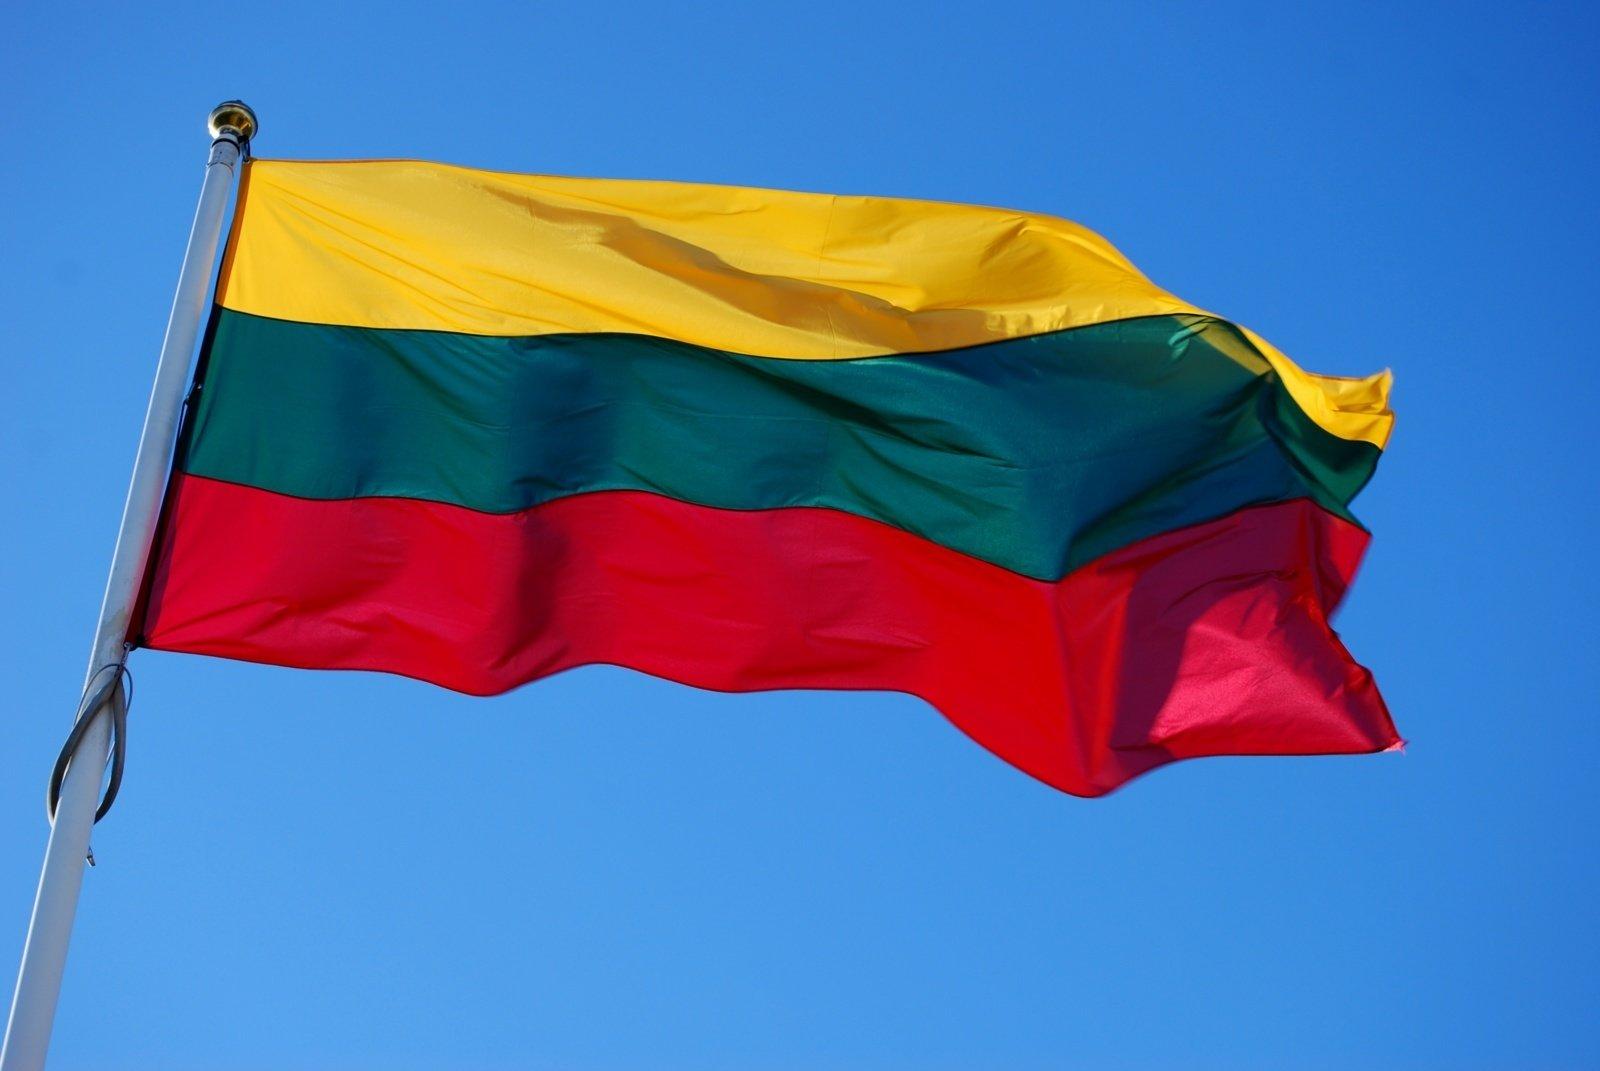 Dėl humanitarinių priežasčių į Lietuvą leista atvykti 262 baltarusiams, atvyko – 69